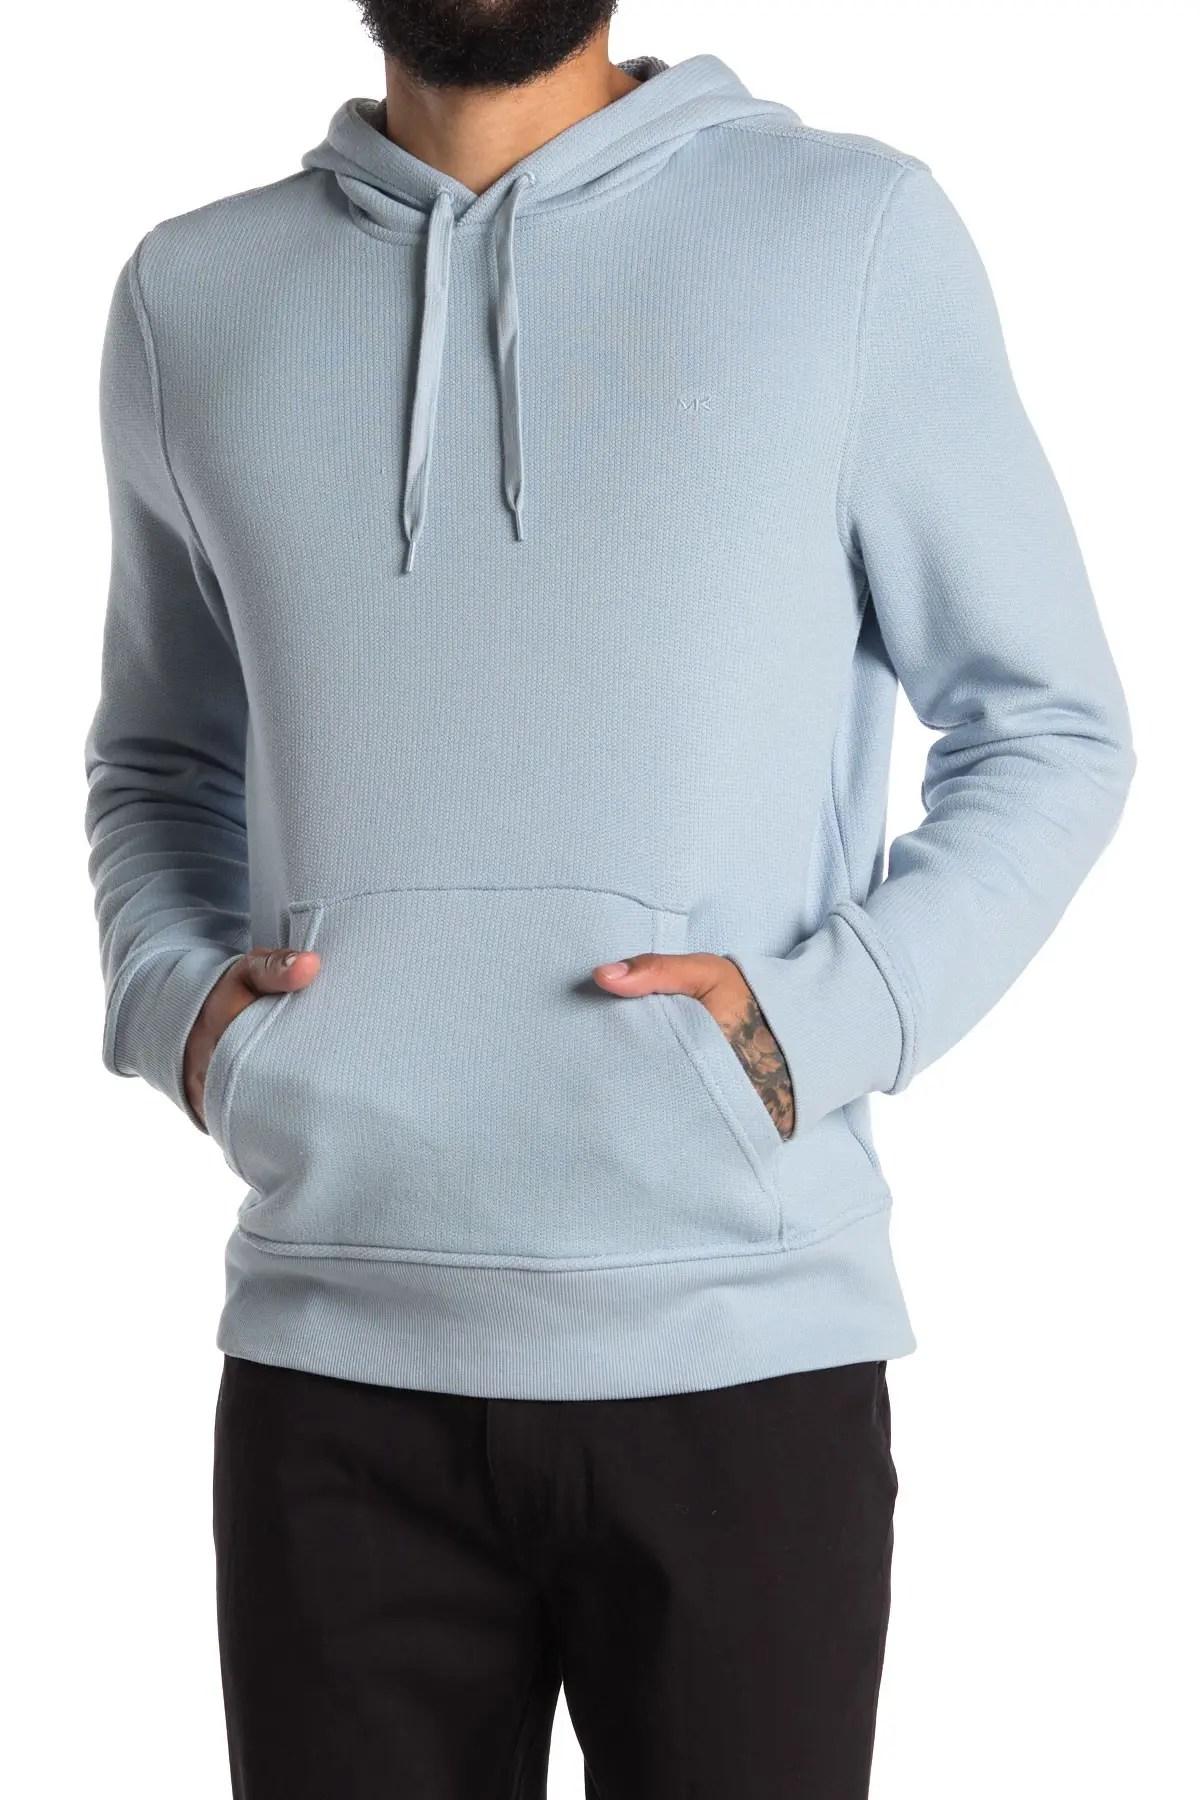 michael kors men s sweatshirts